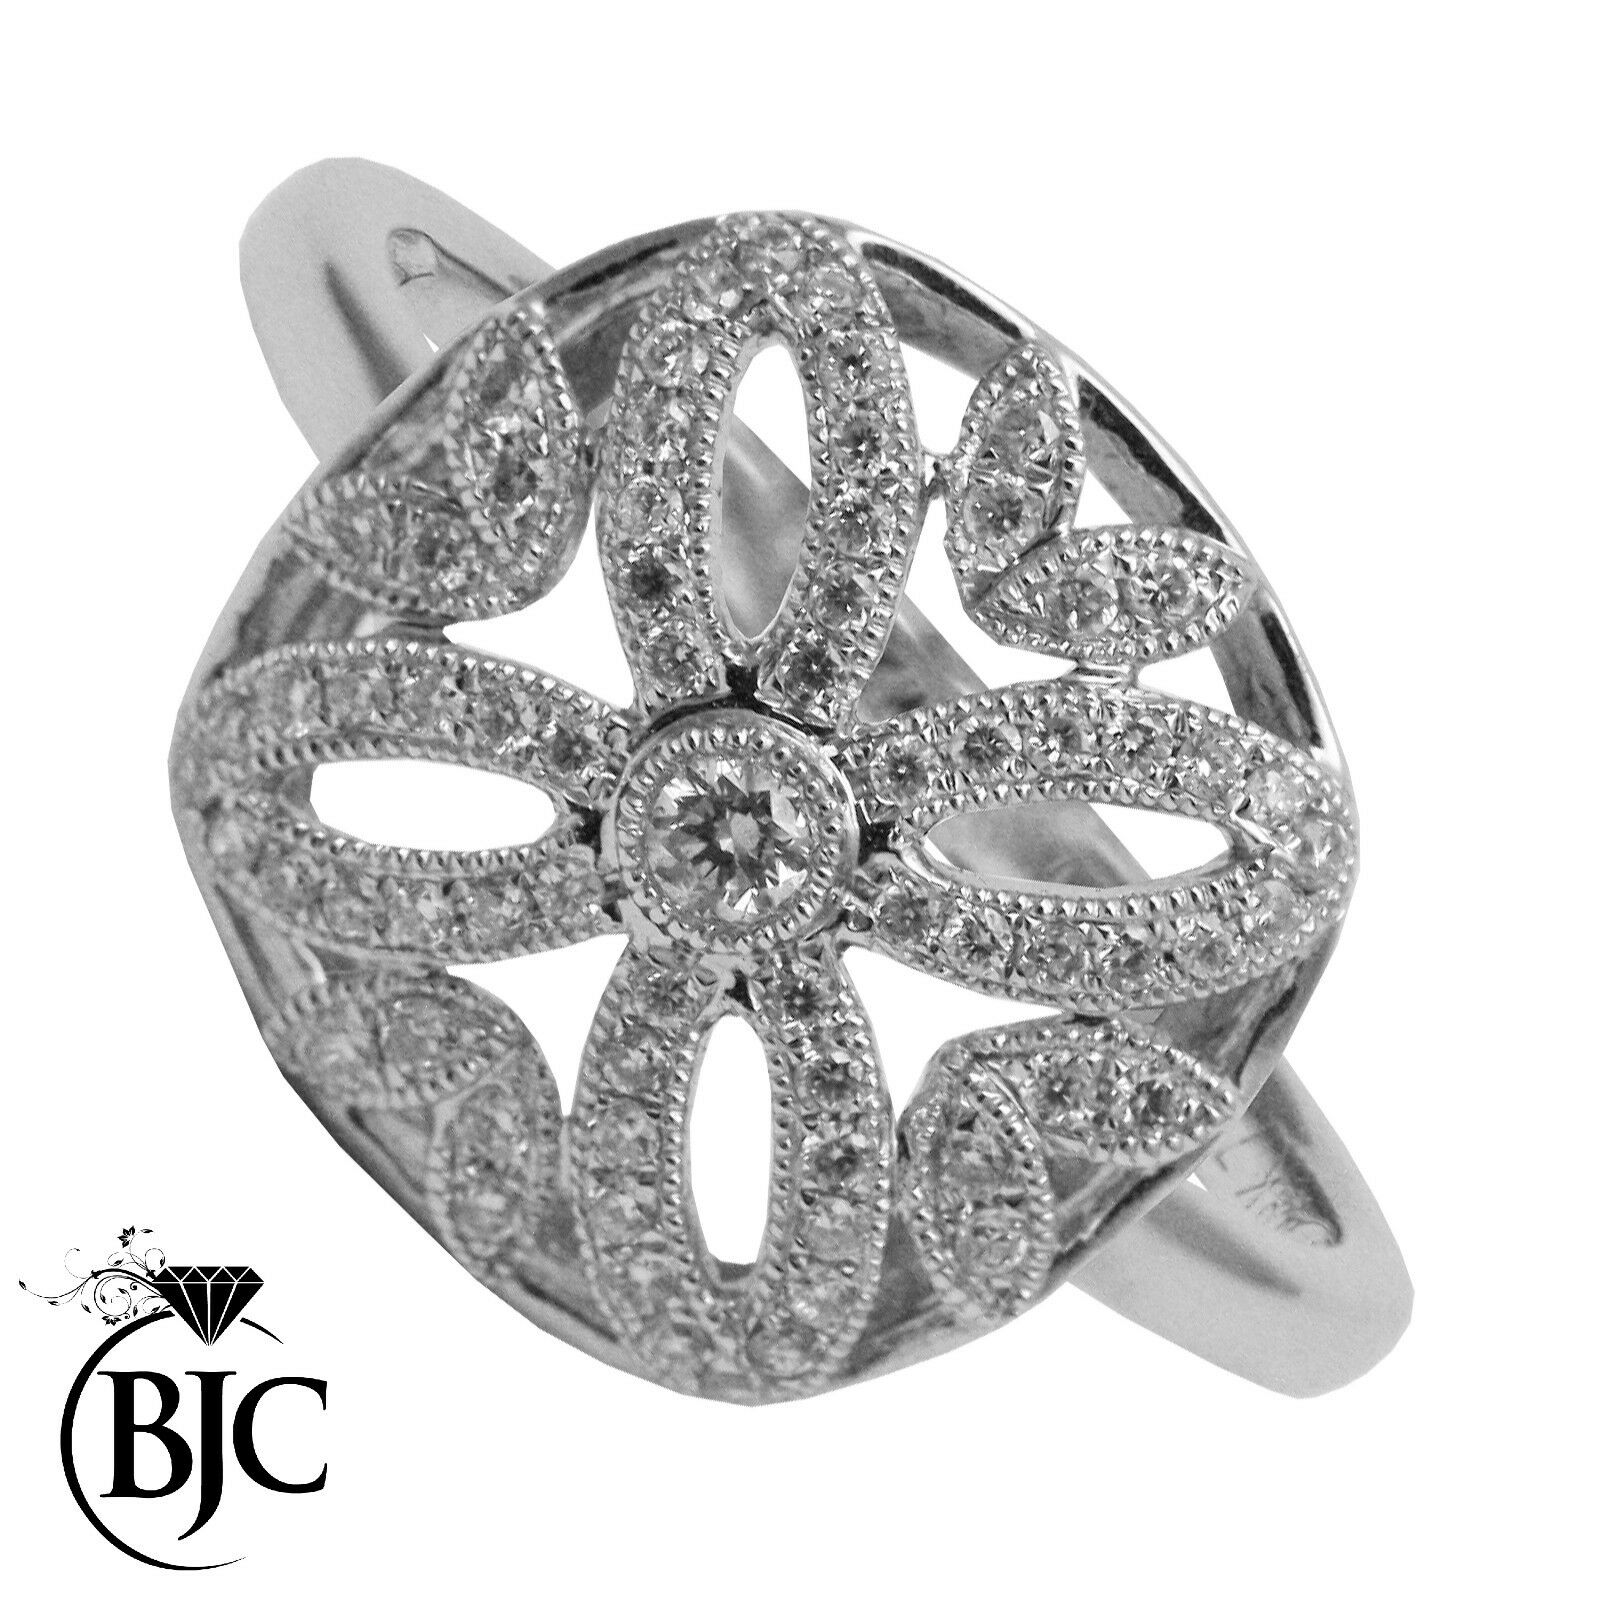 Bjc 18Ct gold whiteo 0.38 Ct Diamante size M Cóctel Flor Anillo de Compromiso